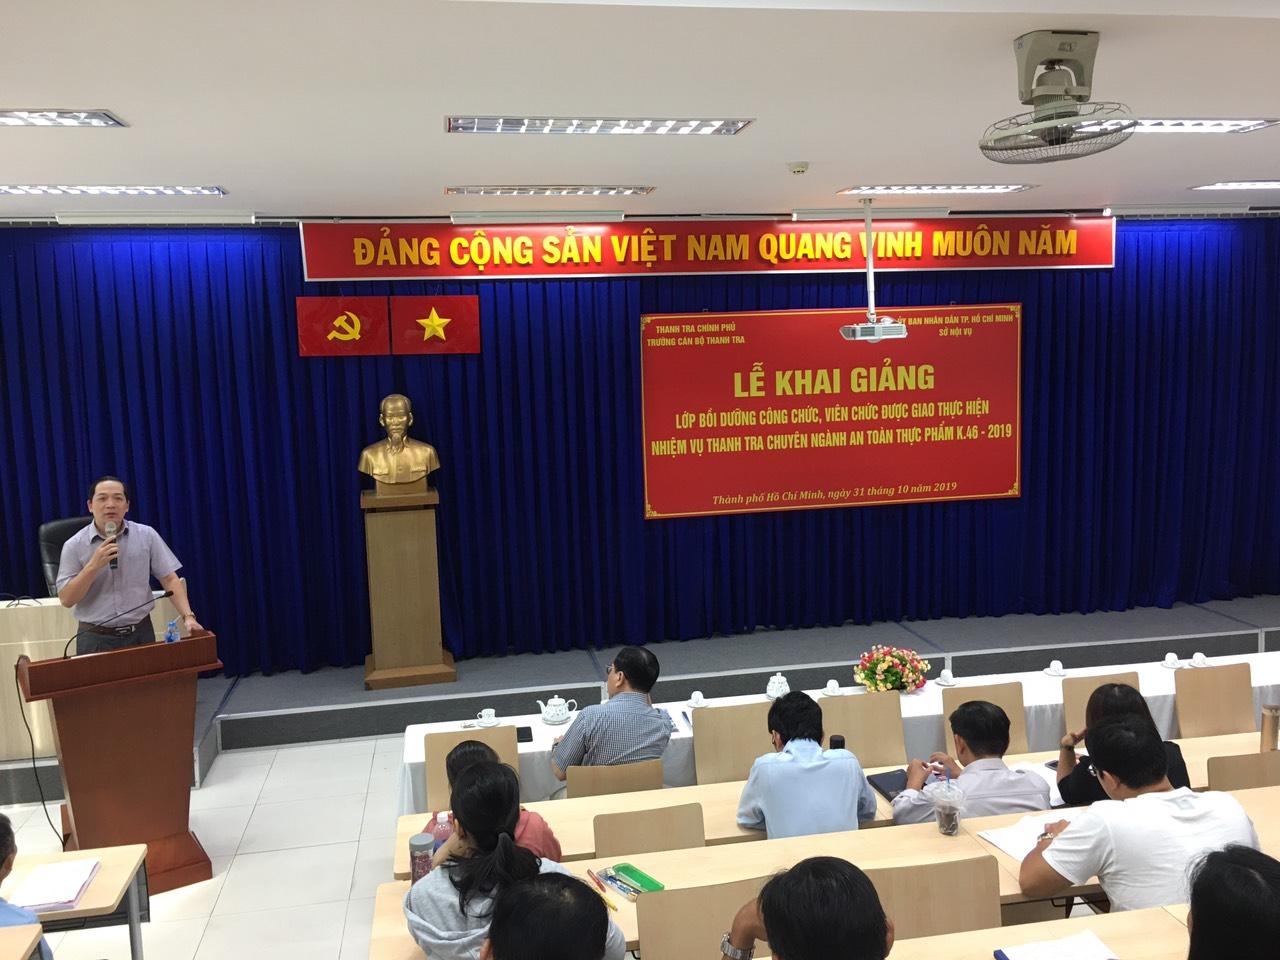 TS Nguyễn Huy Hoàng Phó HT nhà trường khai giảng lớp học